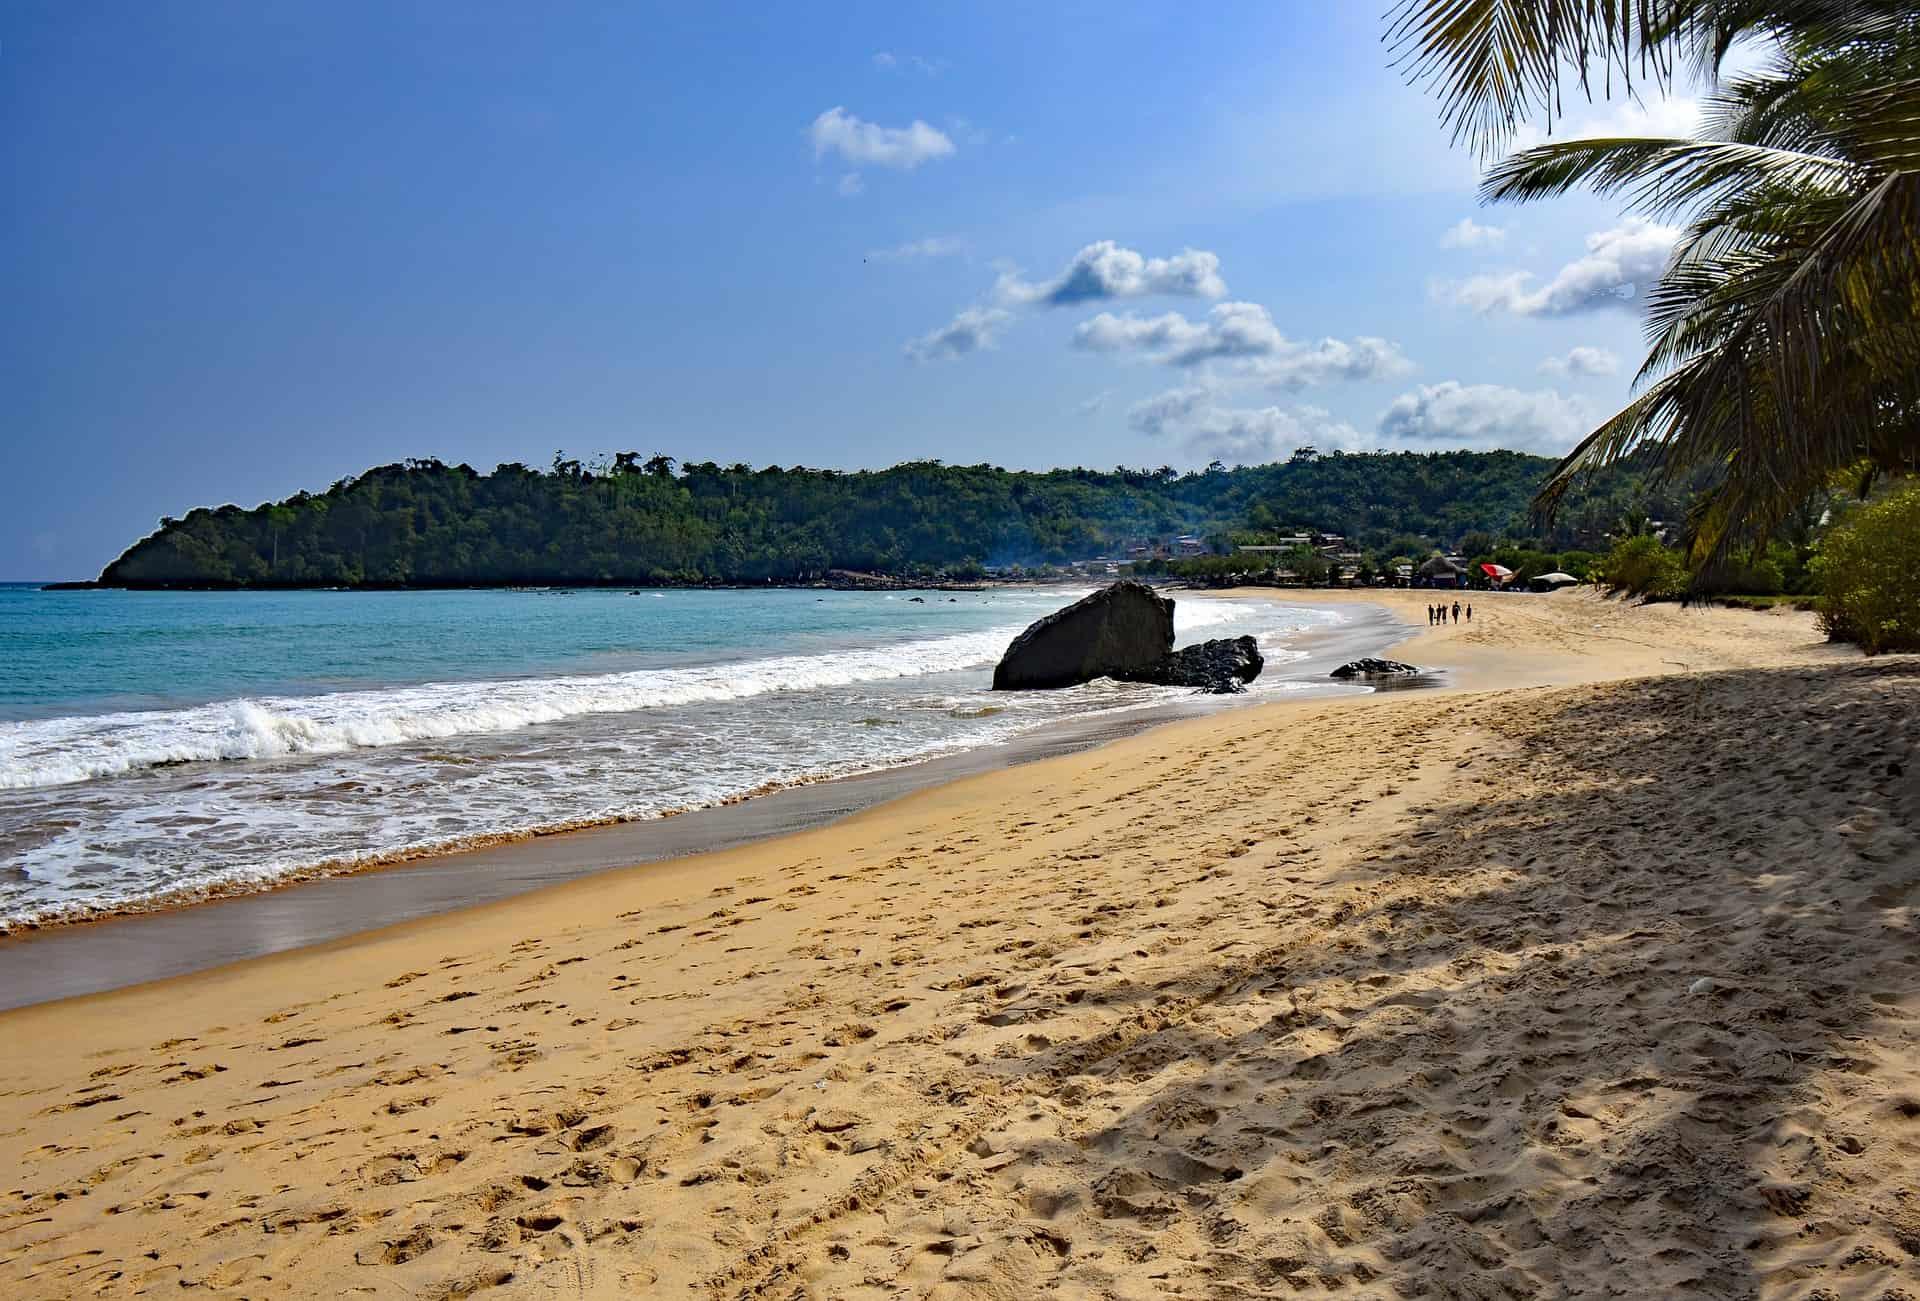 Elfenbeinküste Urlaub - Cote d ivoire Hotels ab 20,00€